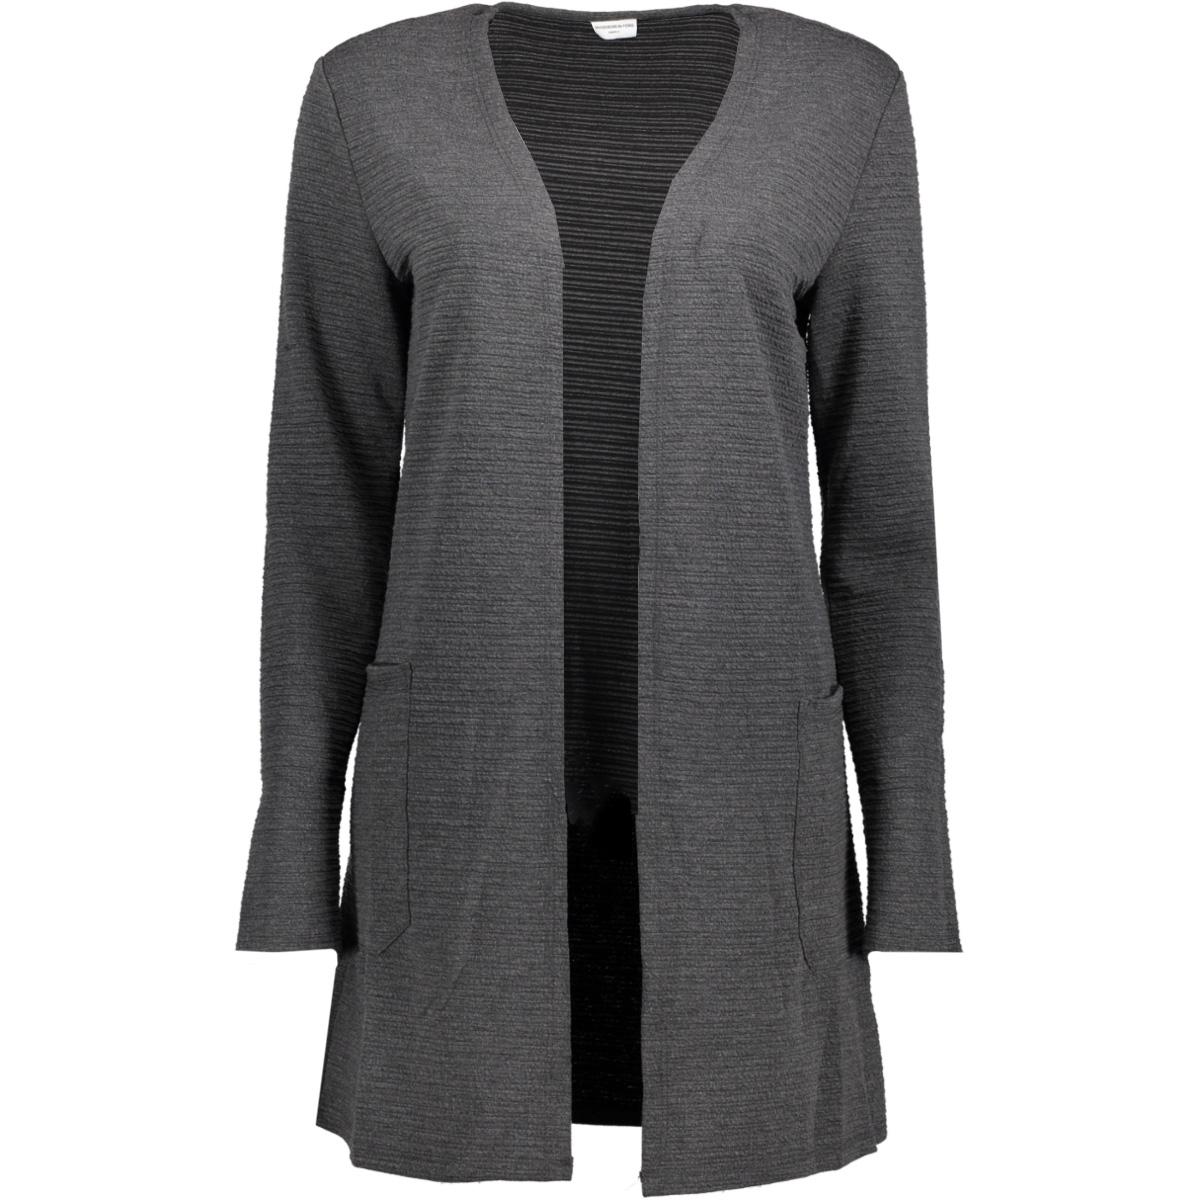 jdykash l/s sweatigan swt 15147358 jacqueline de yong vest dark grey melange